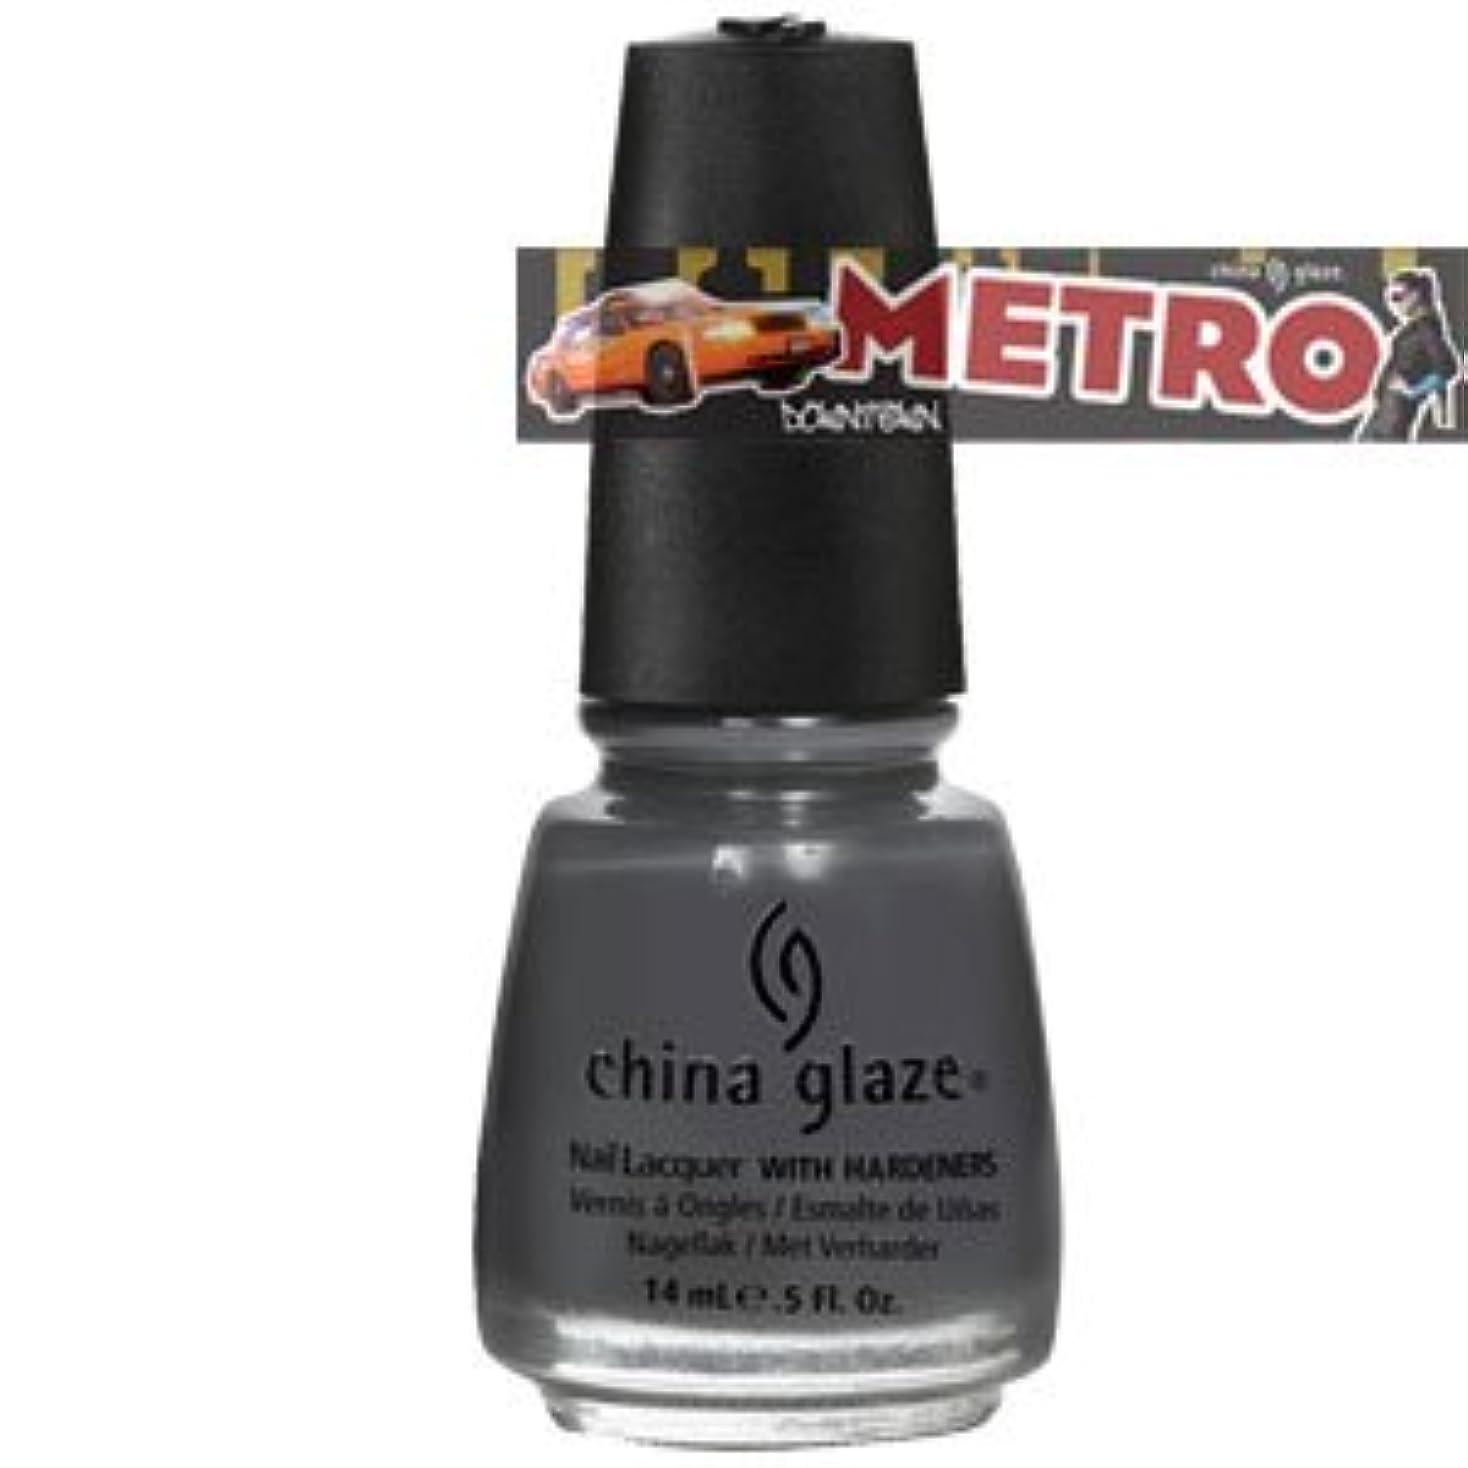 コミュニケーションコントロール残酷な(チャイナグレイズ)China Glaze メトロコレクション? Concrete Catwalk [海外直送品][並行輸入品]